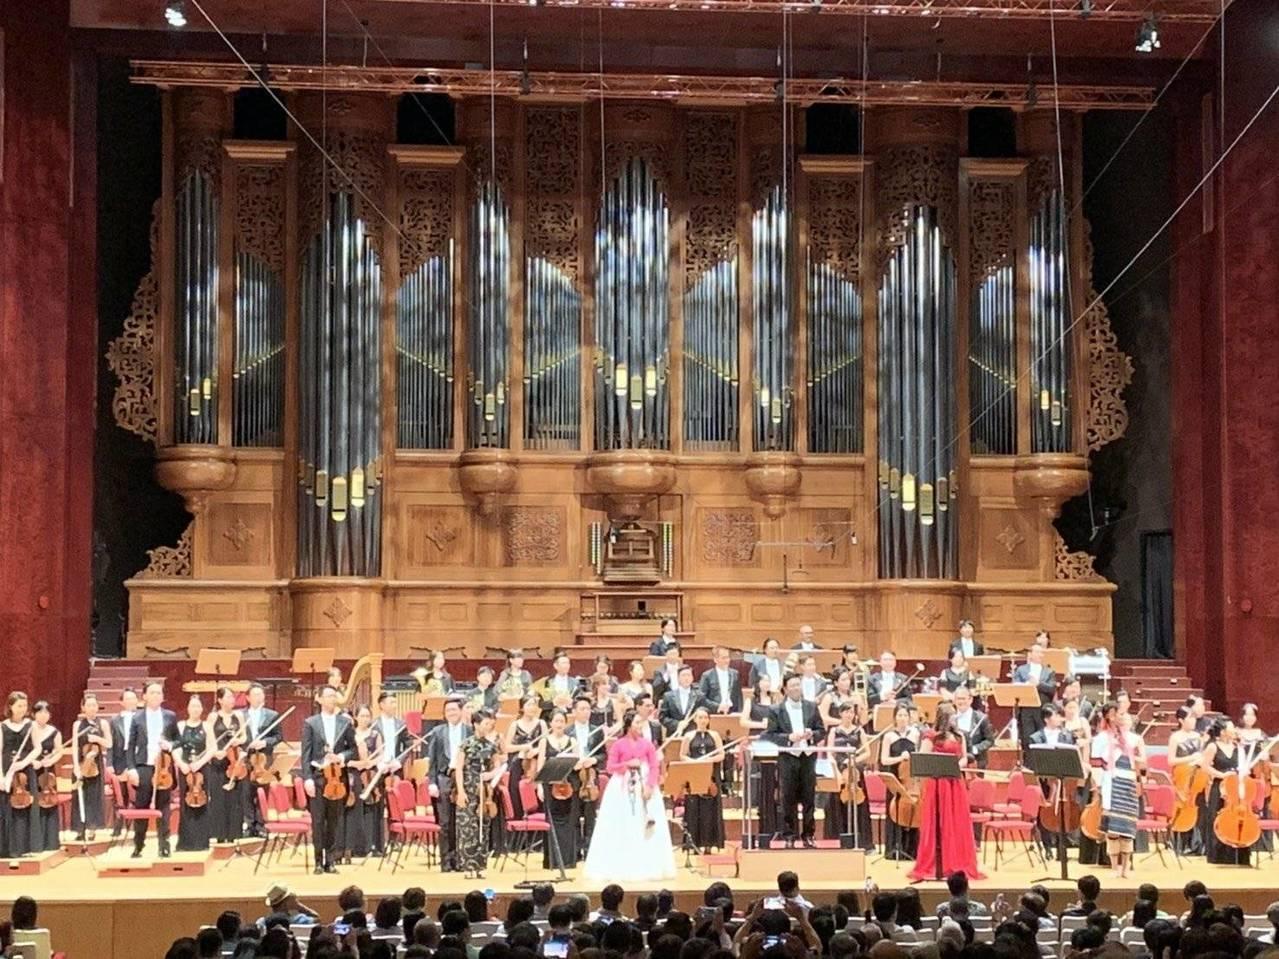 灣聲樂團於國家音樂廳演奏。圖/長庚紀念醫院提供